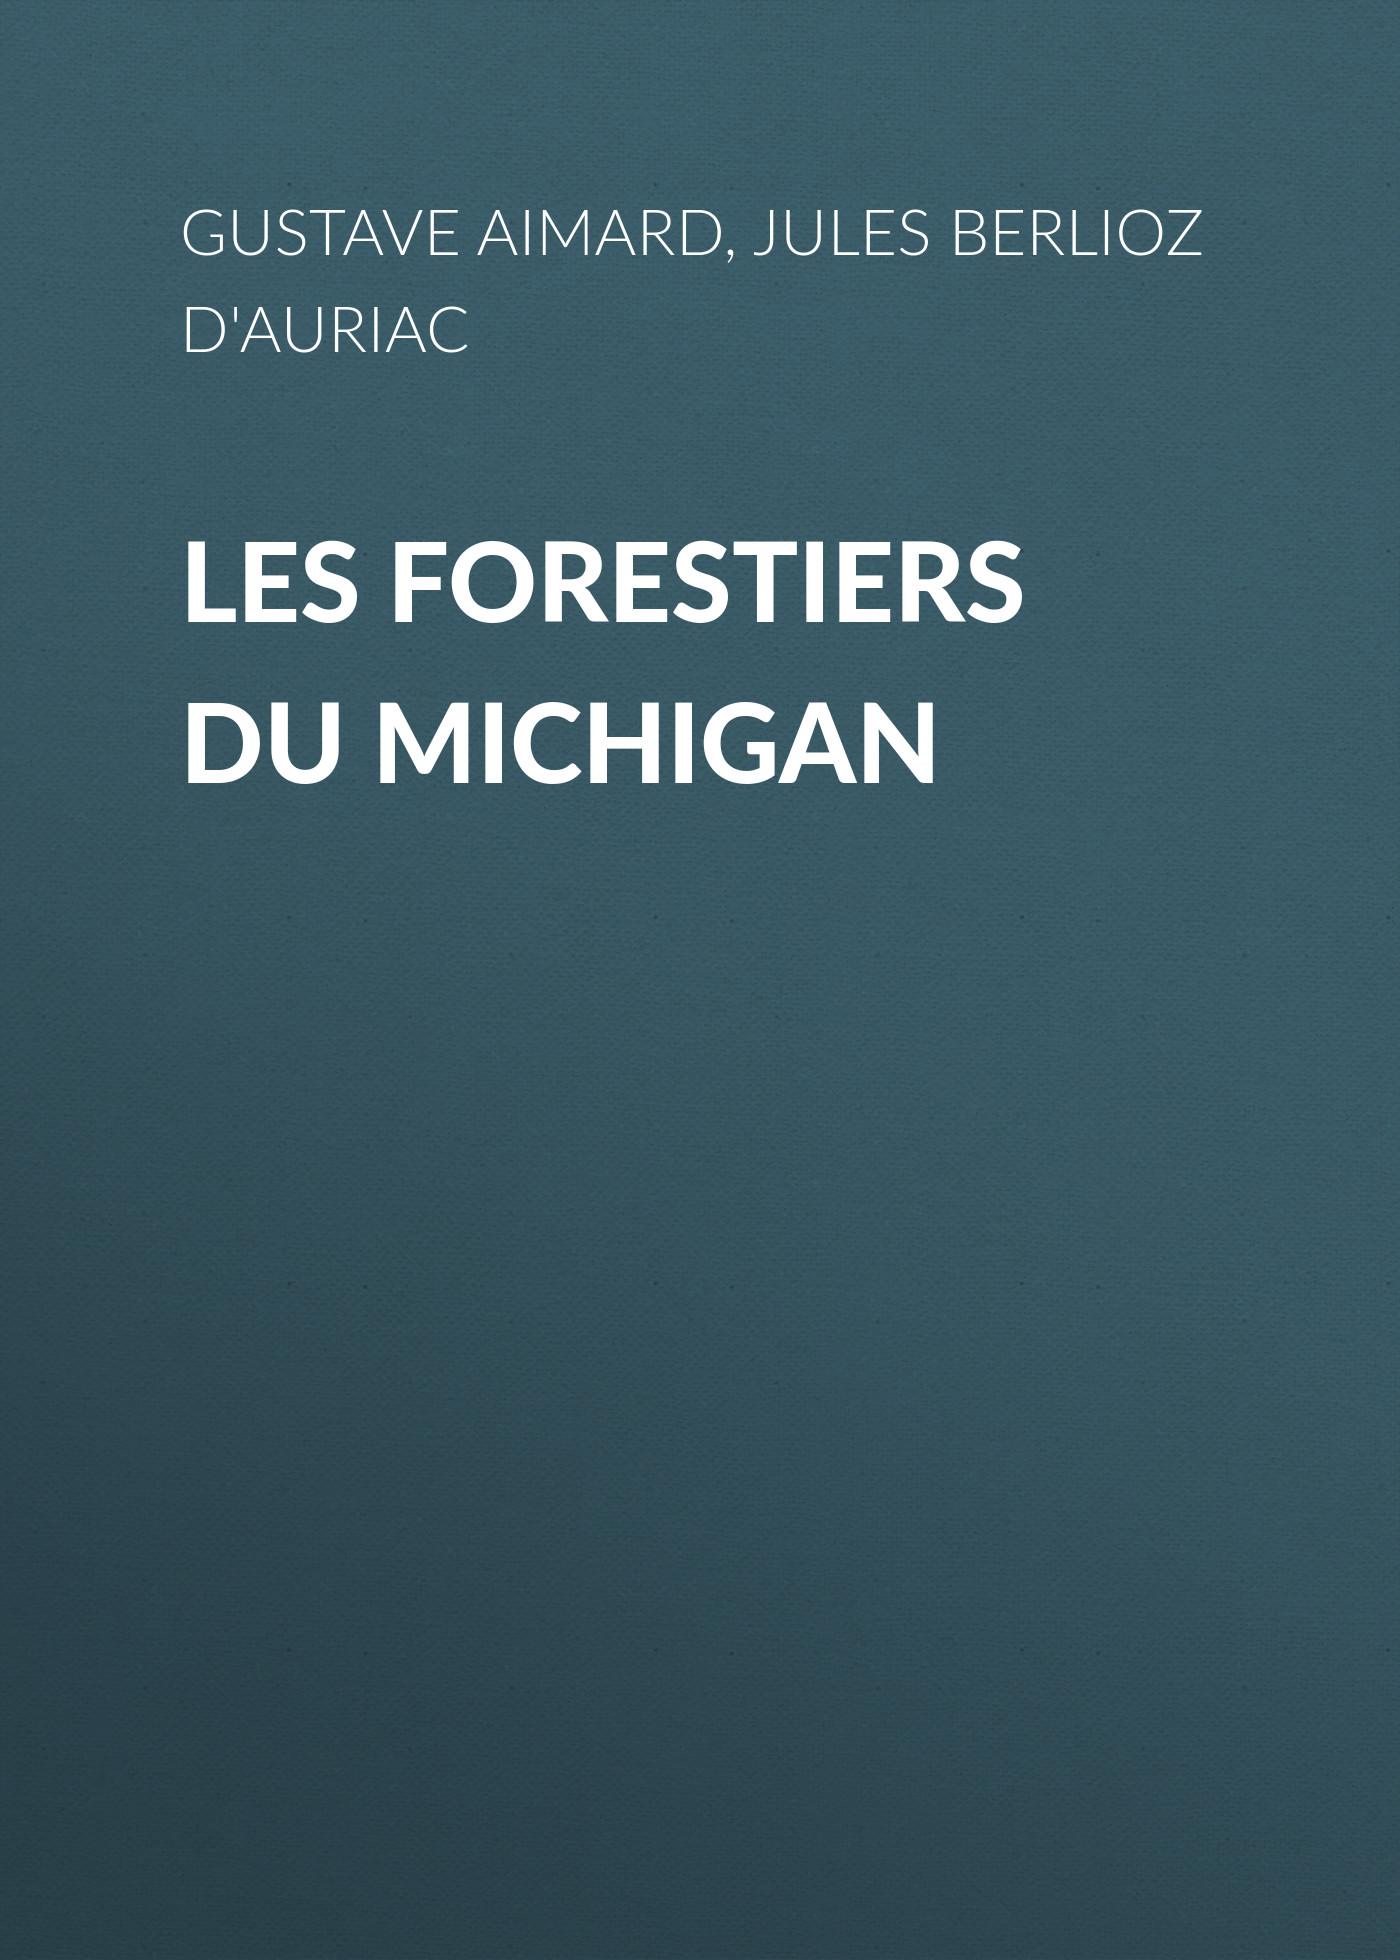 les forestiers du michigan